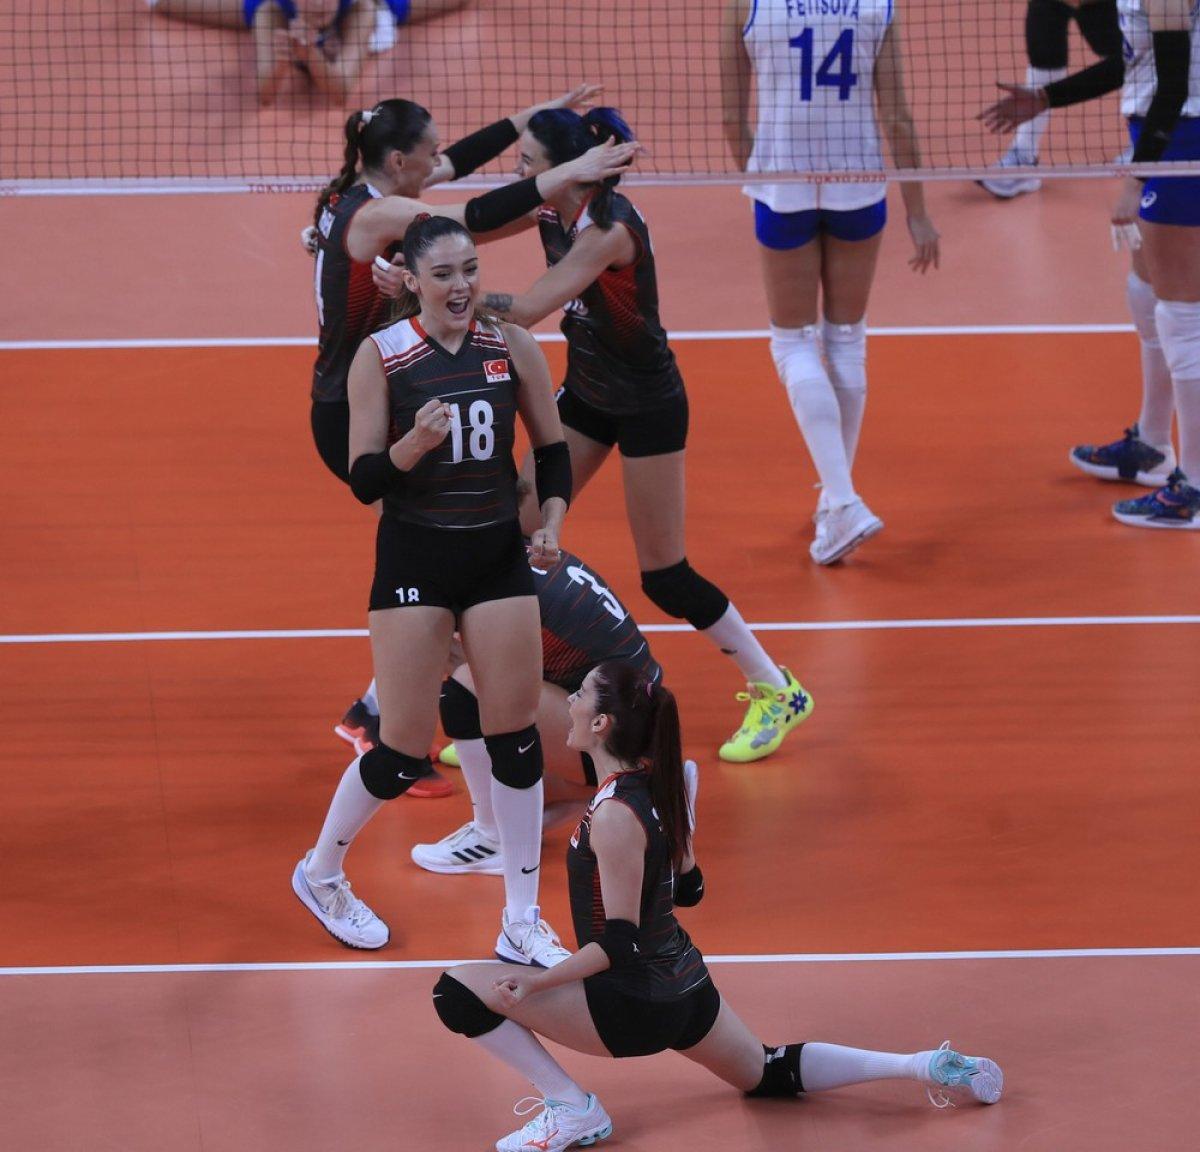 Filenin Sultanları, Tokyo 2020 de Rusya yı 3-2 mağlup etti #6